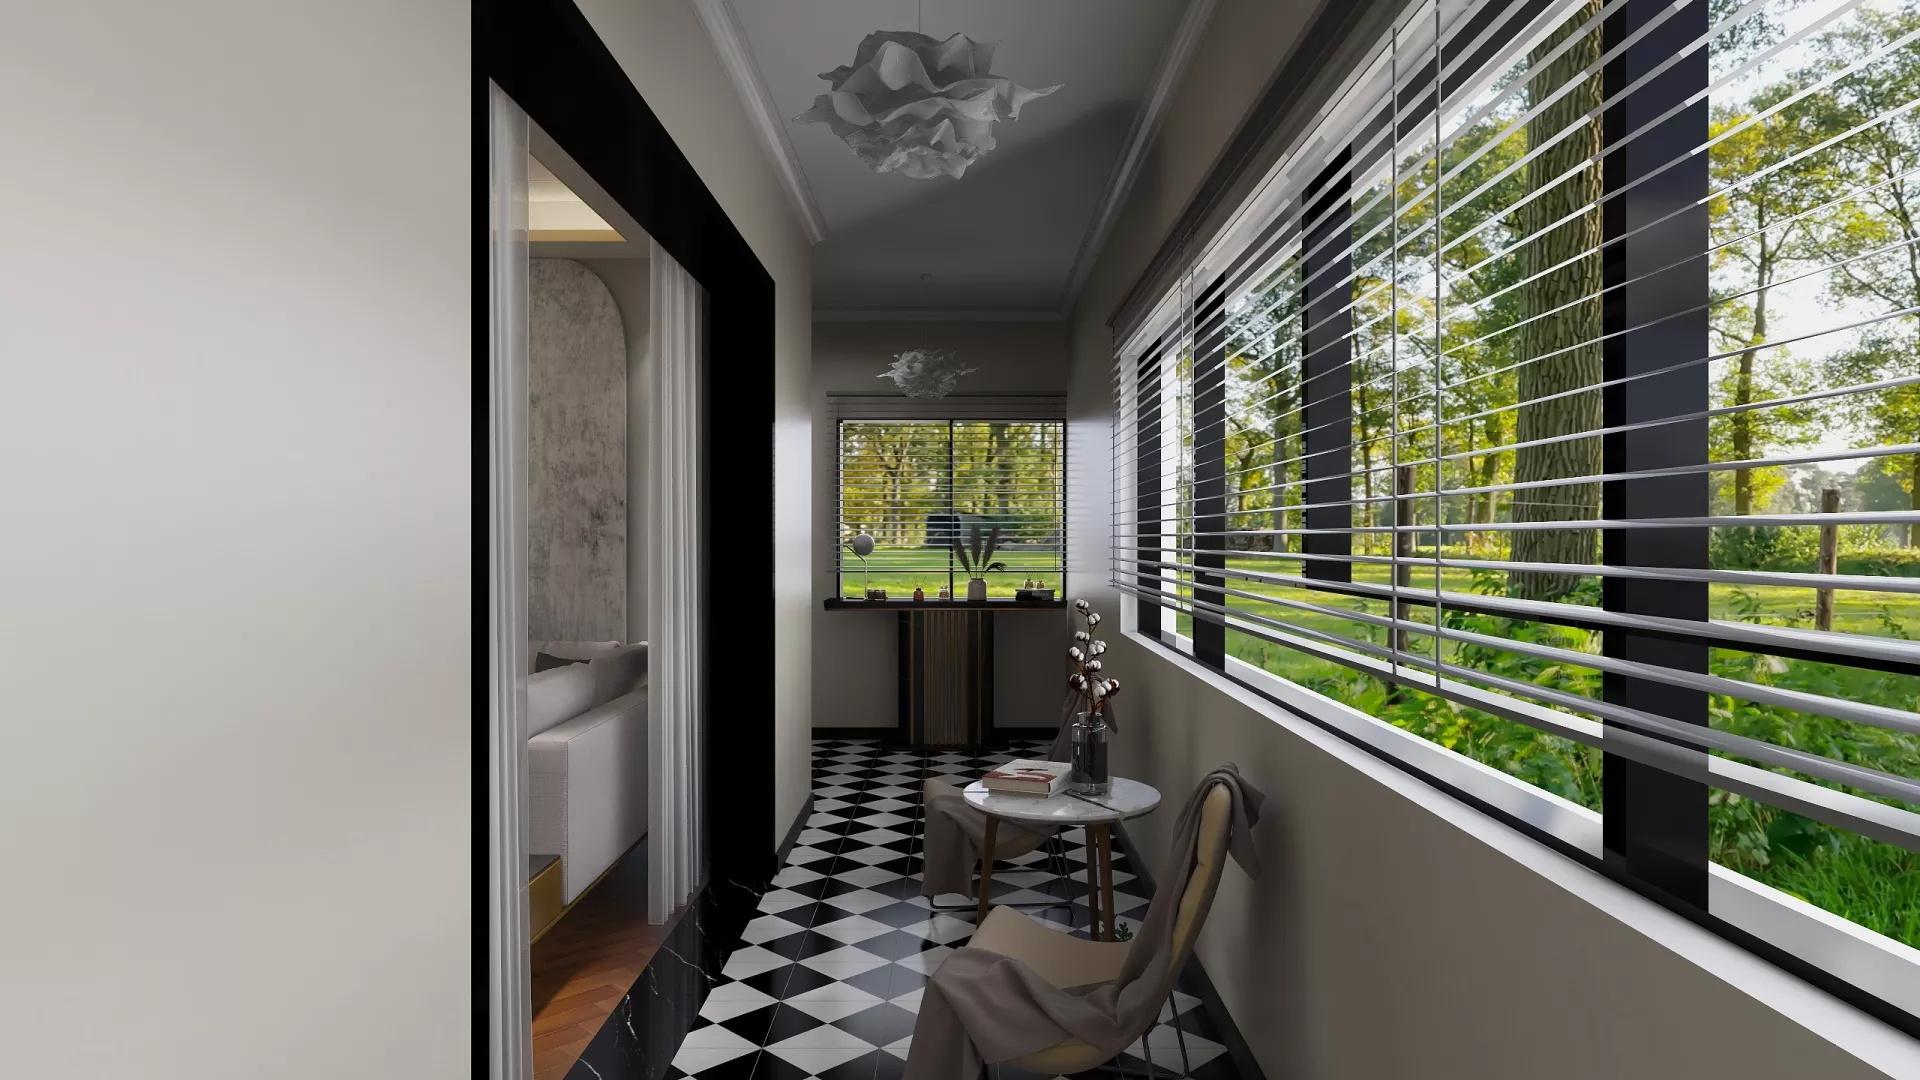 家居装饰风格有哪几种 家居装饰风格有哪些分类